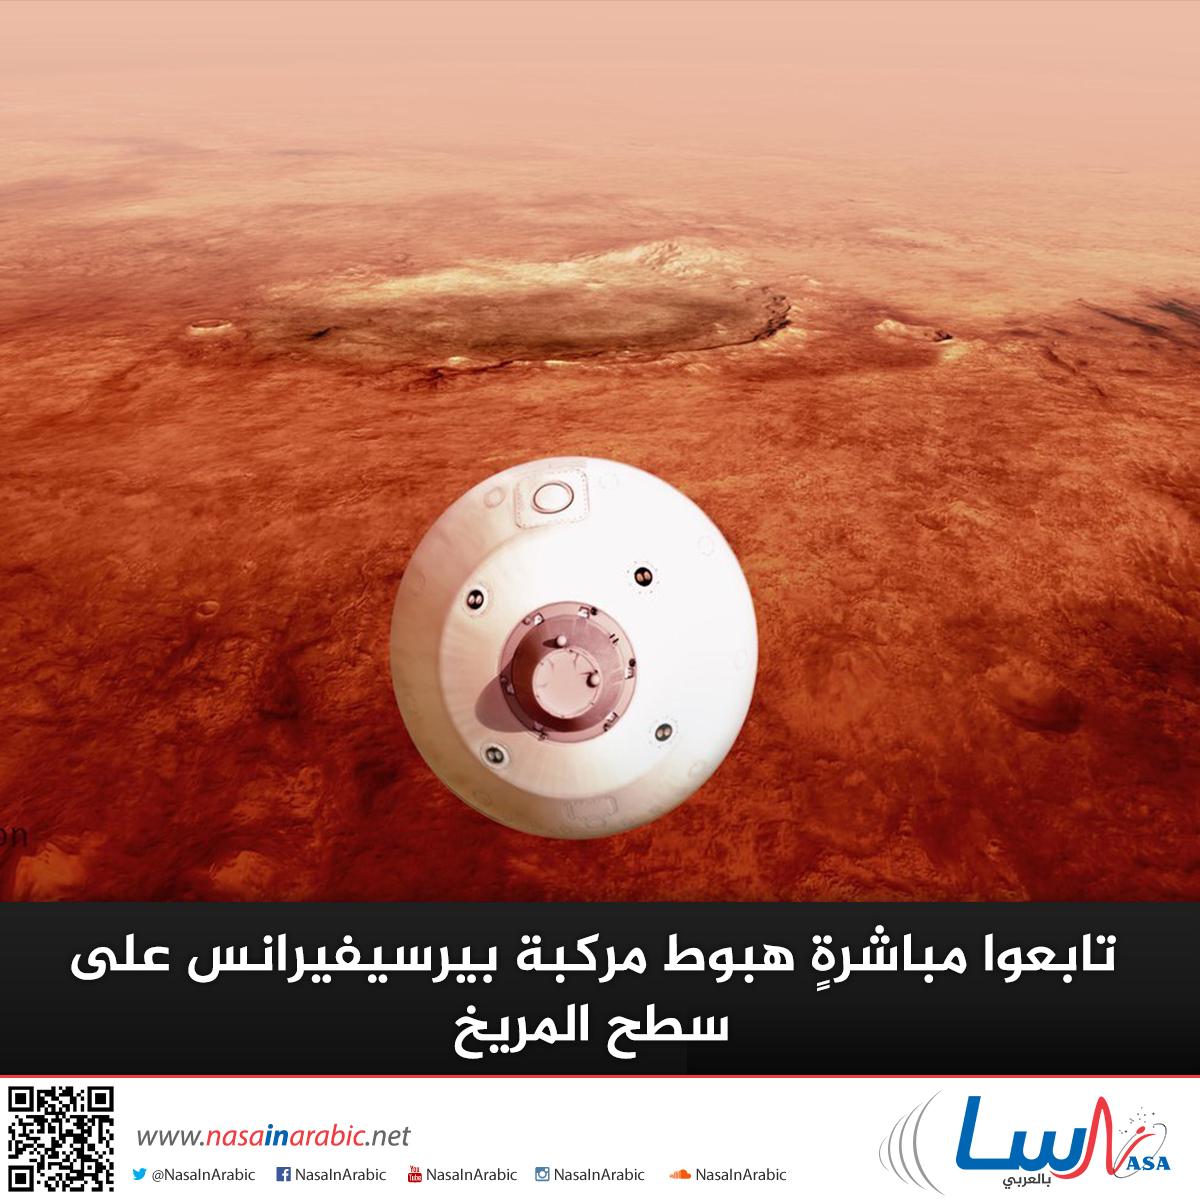 تابعوا مباشرةً هبوط مركبة بيرسيفيرانس على سطح المريخ